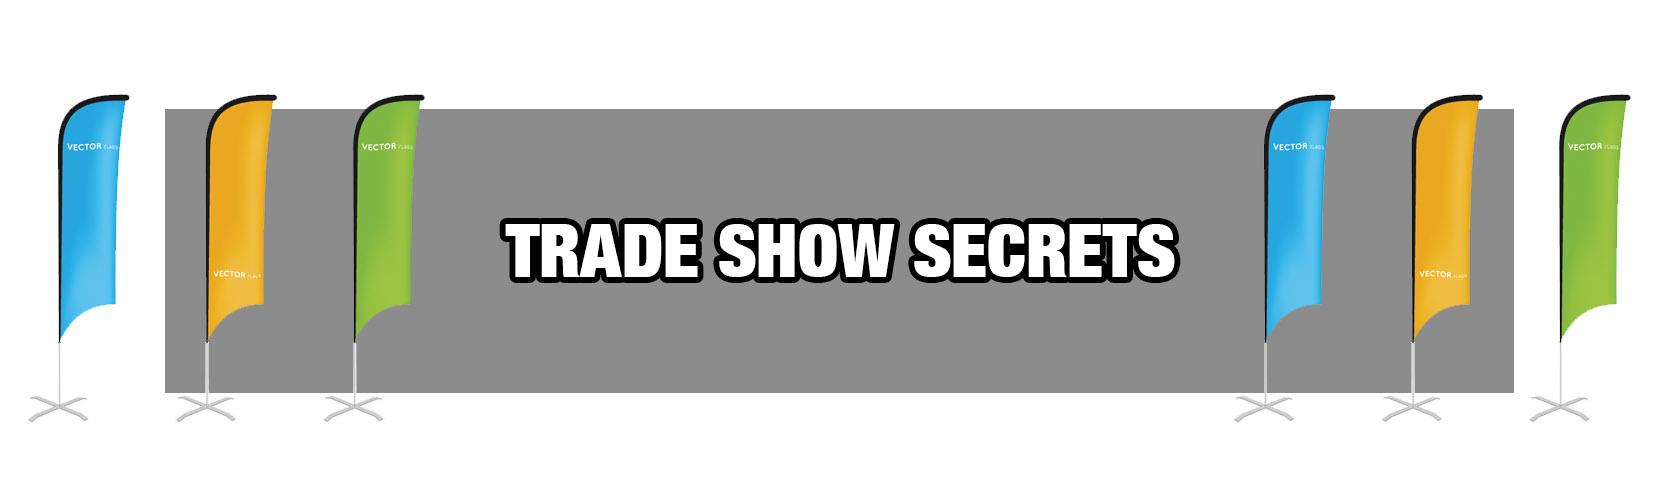 Trade Show Secrets